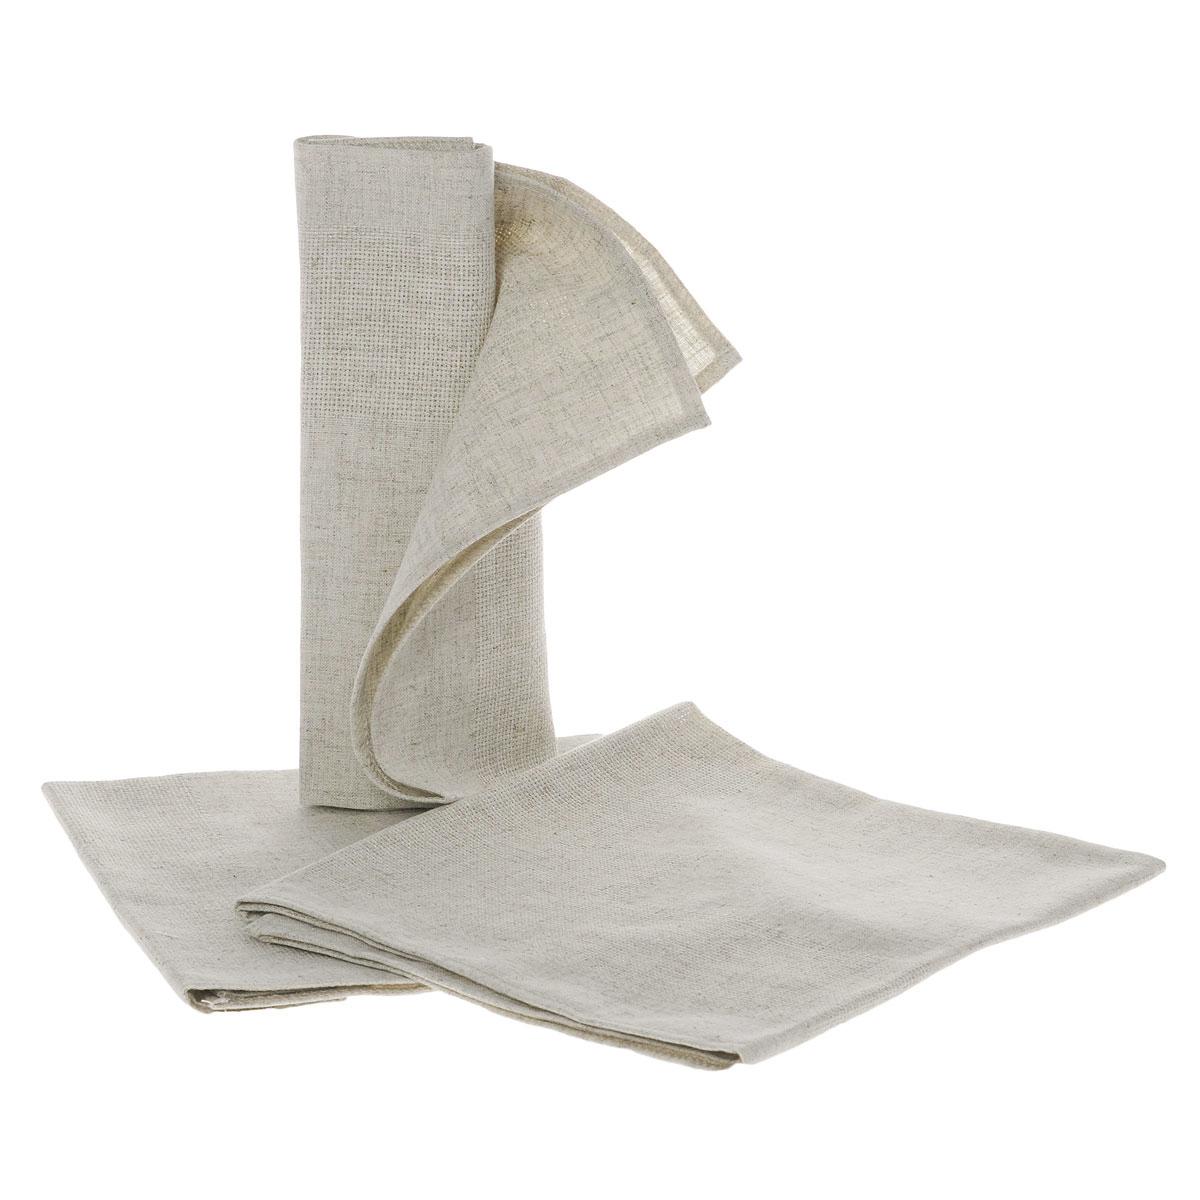 Салфетки Alisena, цвет: бежевый, 46 х 44 см, 3 шт06023-402Салфетки Alisena выполнены из натурального льна. В наборе - 3 салфетки. Такие салфетки защитят ваш стол от царапин и станут оригинальным дополнением интерьера. Вы можете использовать салфетки для декорирования стола, комода, журнального столика. В любом случае они добавят в ваш дом стиля, изысканности и неповторимости.